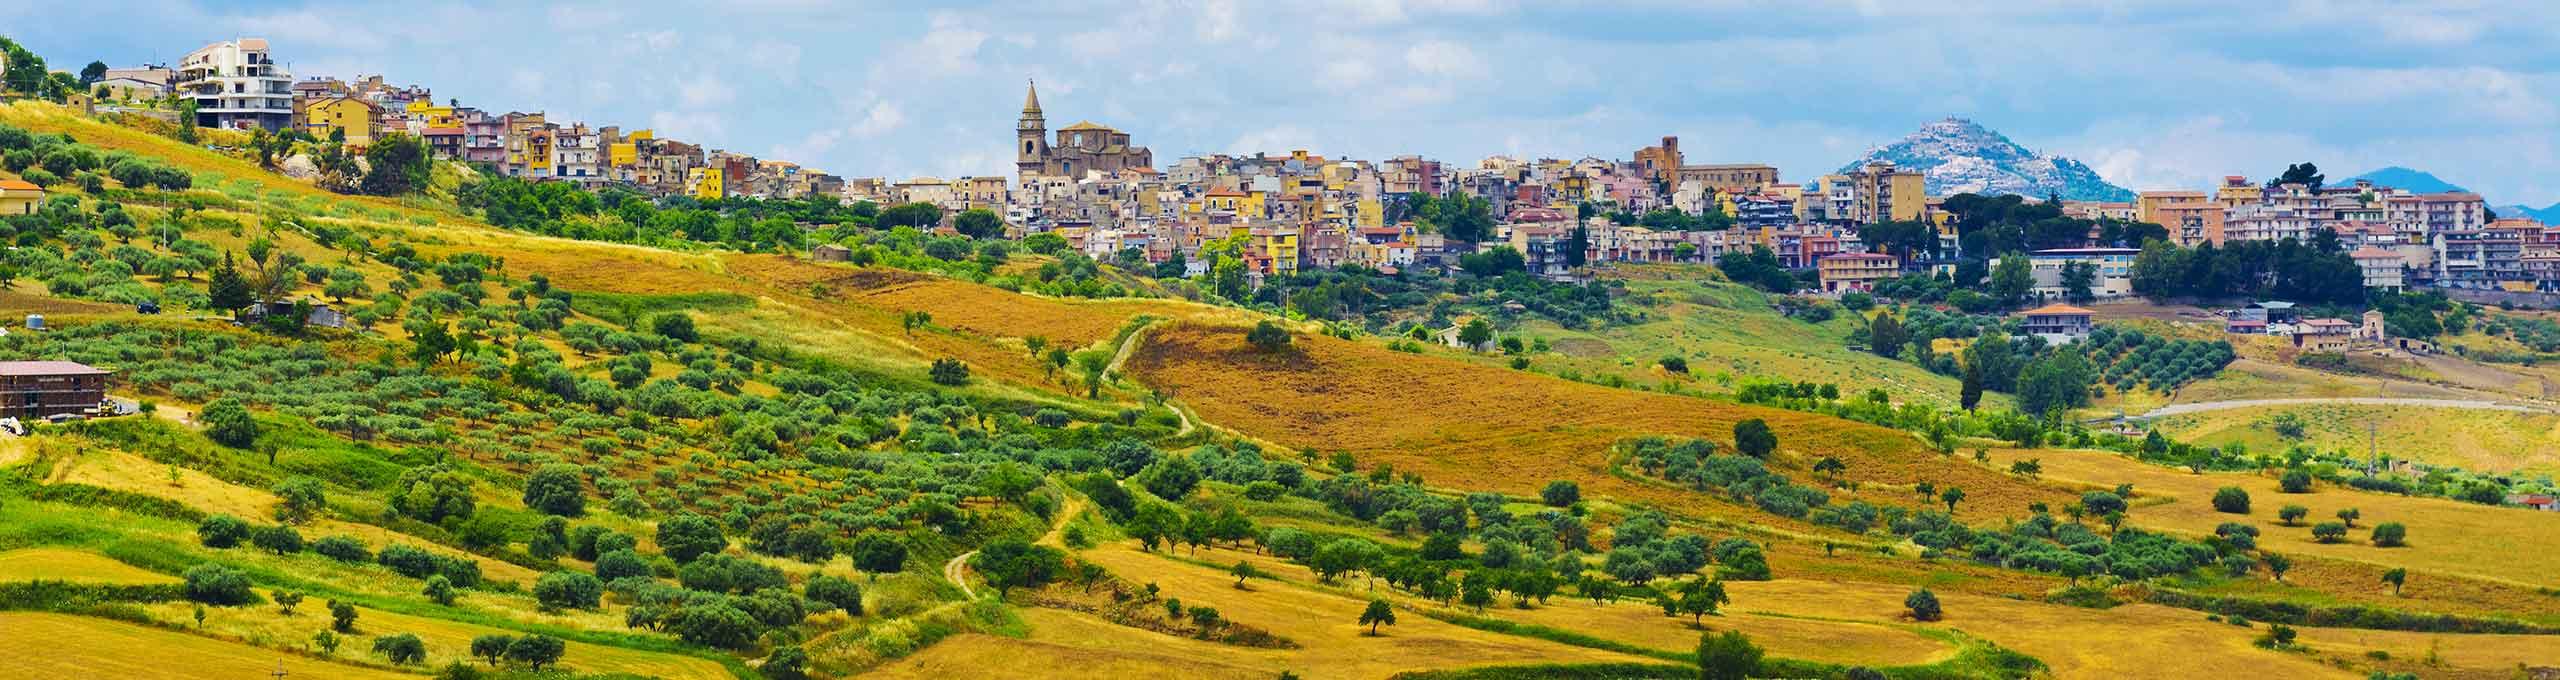 Comune della città metropolitana di Catania